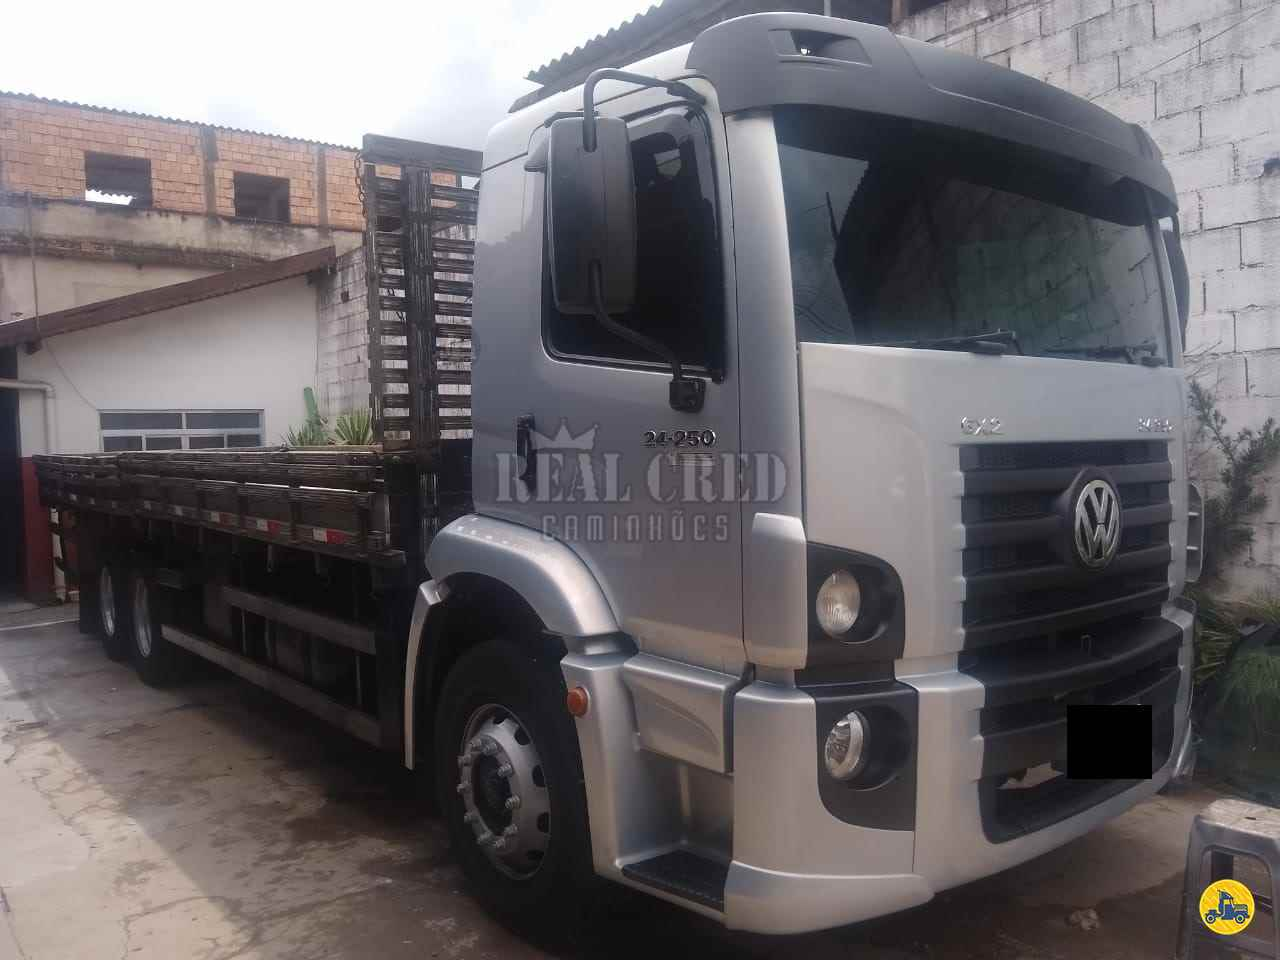 CAMINHAO VOLKSWAGEN VW 24250 Carga Seca Truck 6x2 Real Cred Caminhões PIEDADE SÃO PAULO SP